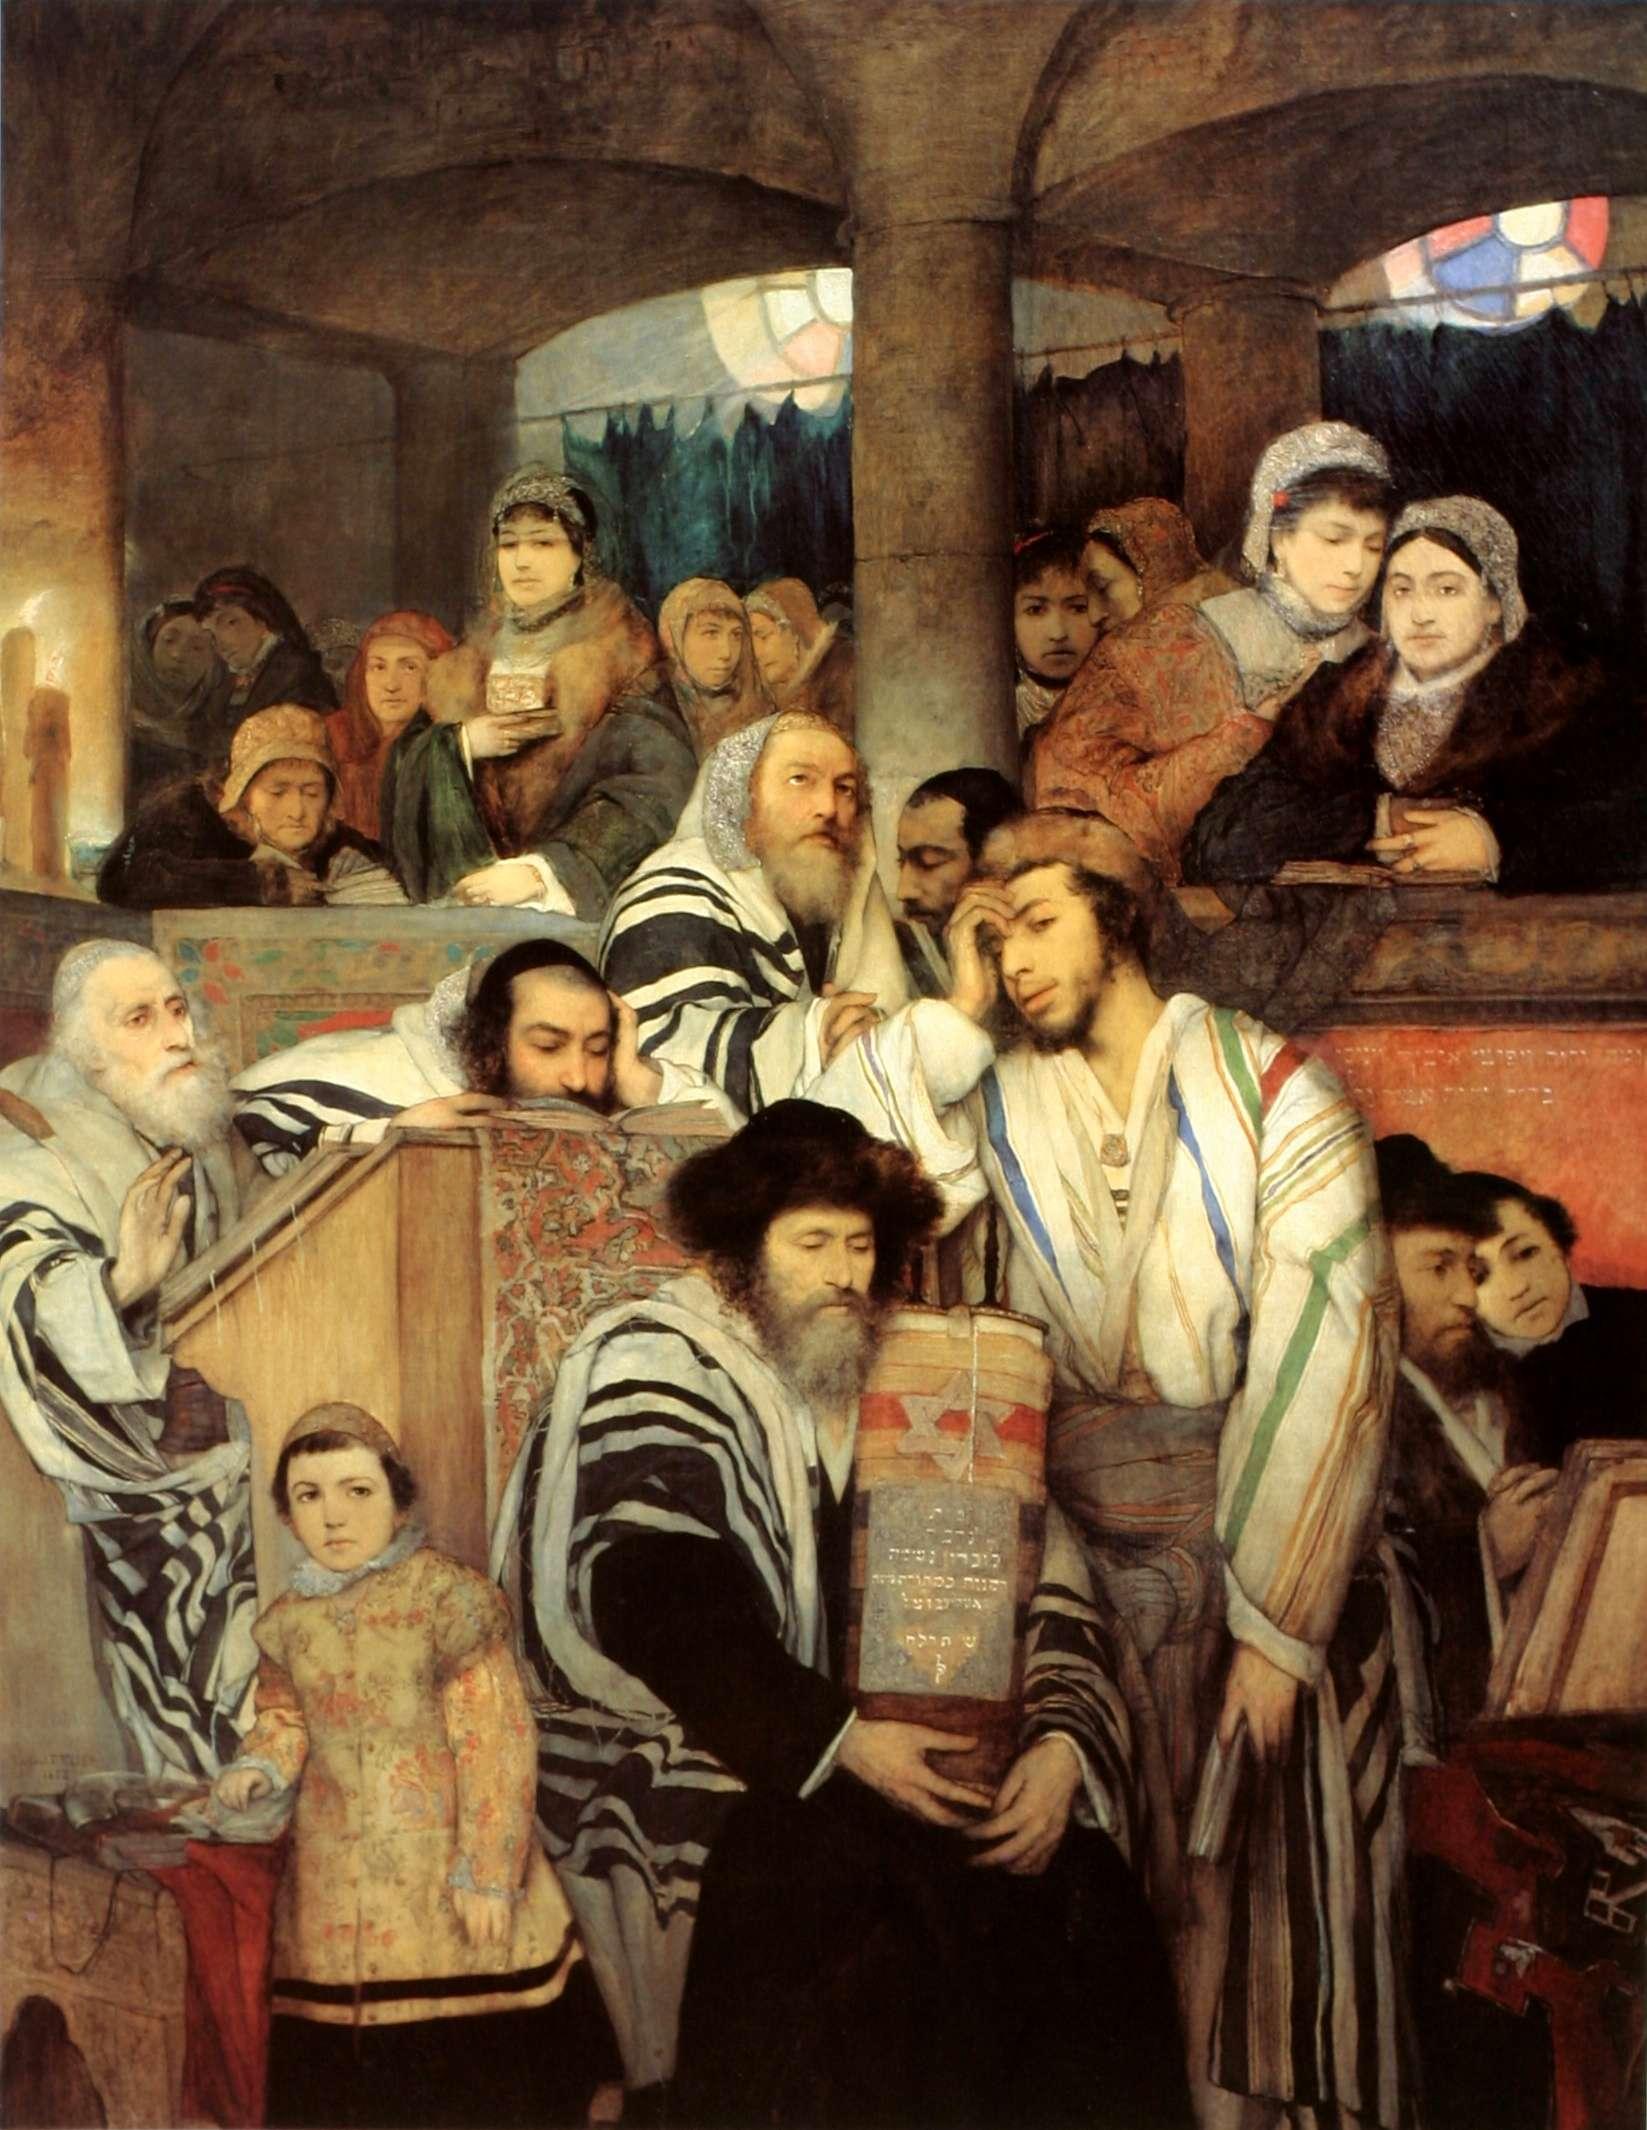 Εβραίοι που προσεύχονται σε συναγωγή κατά τη γιορτή του Γιομ Κιπούρ. (Πίνακας του Μορίς Γκότλιμπ, 1878)